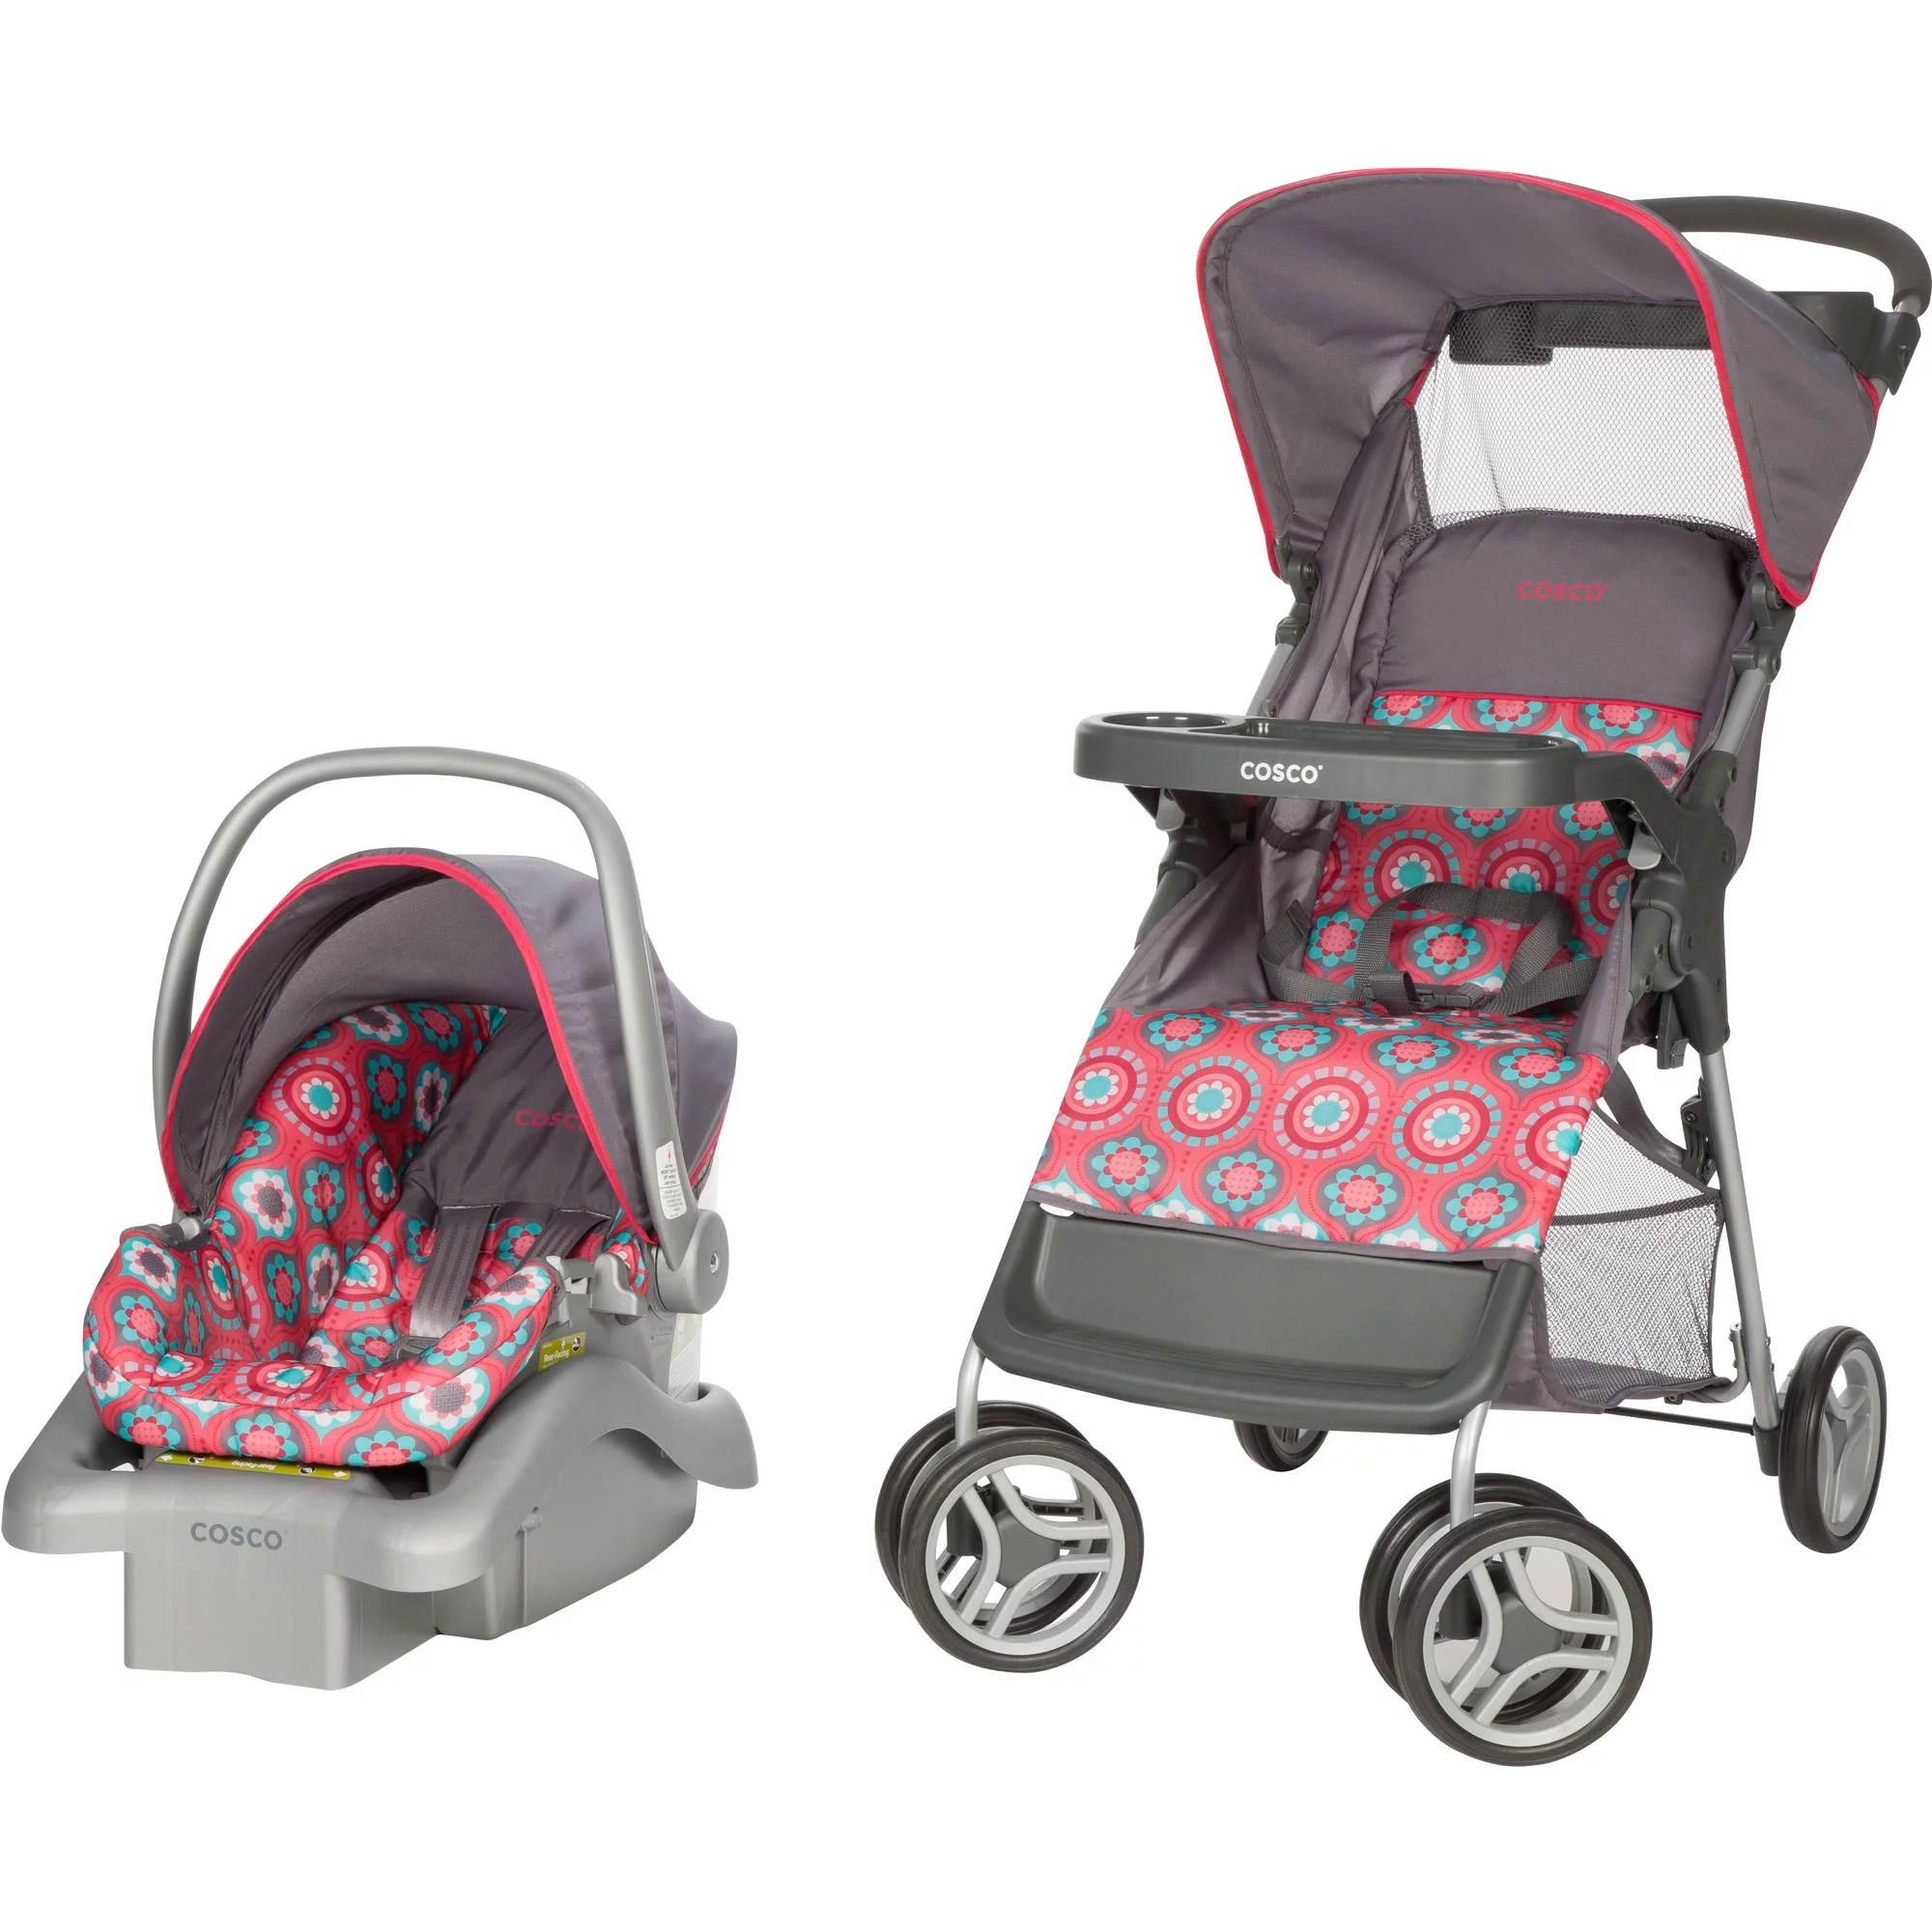 Toddler Stroller Car Seat